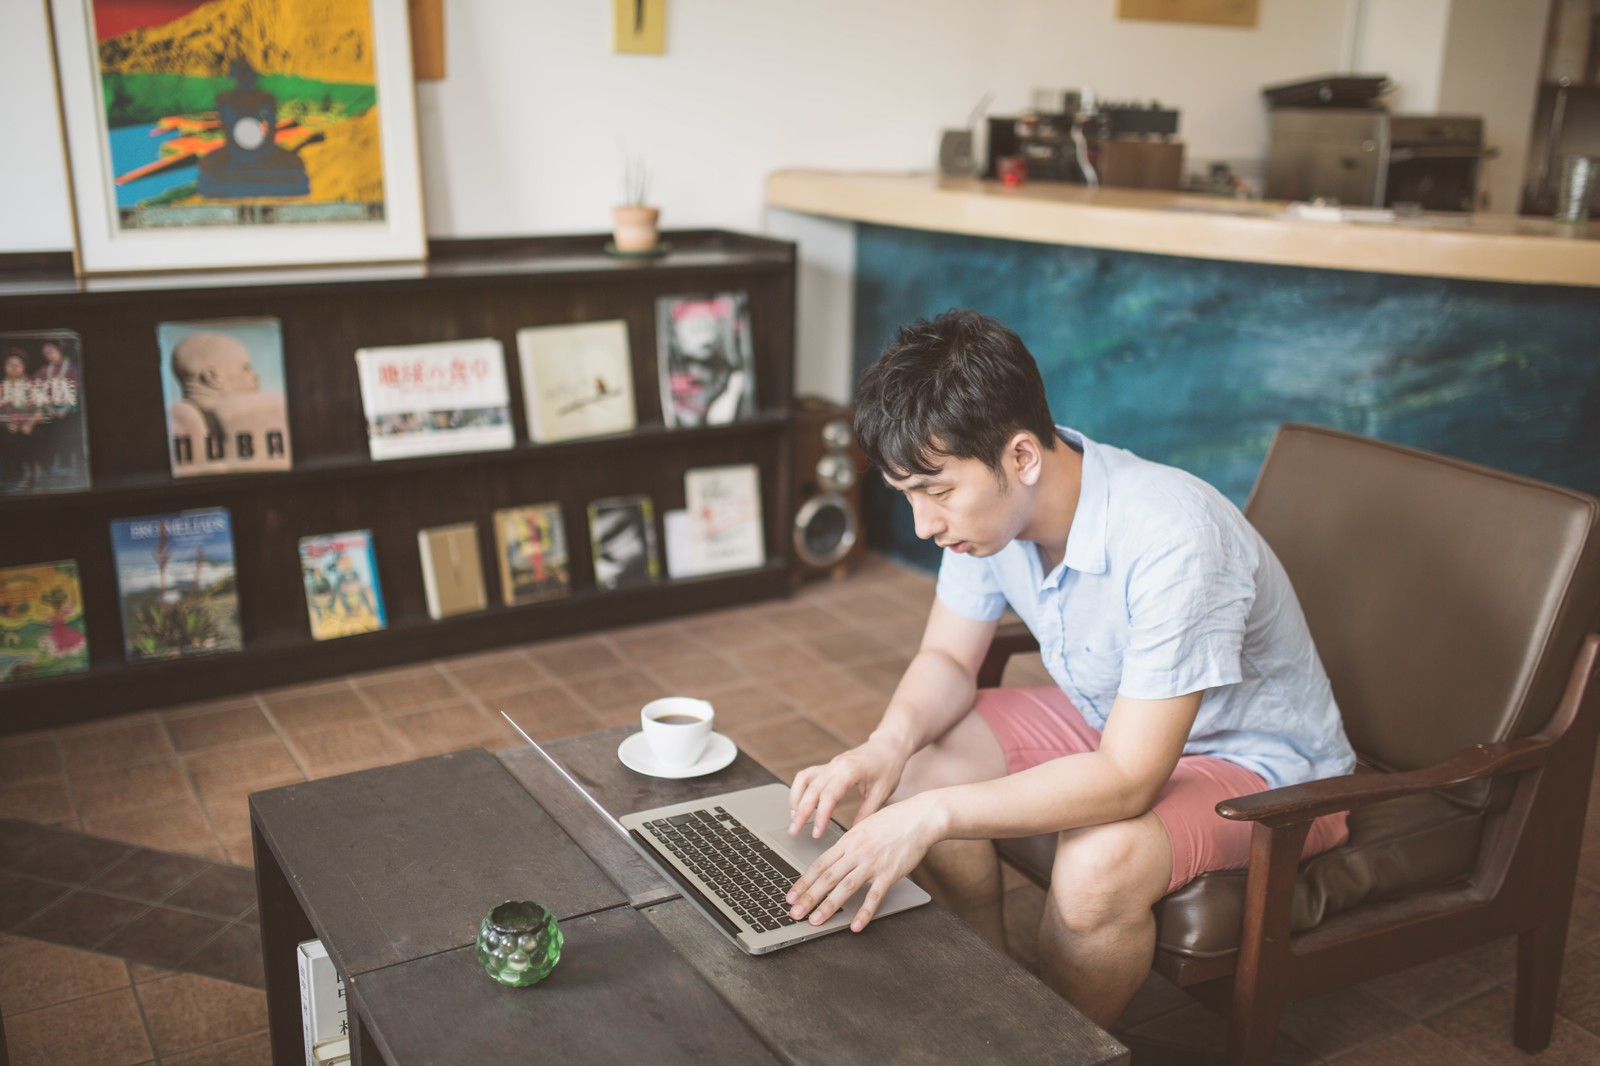 セミリタイアしながら仕事をする人のイメージ